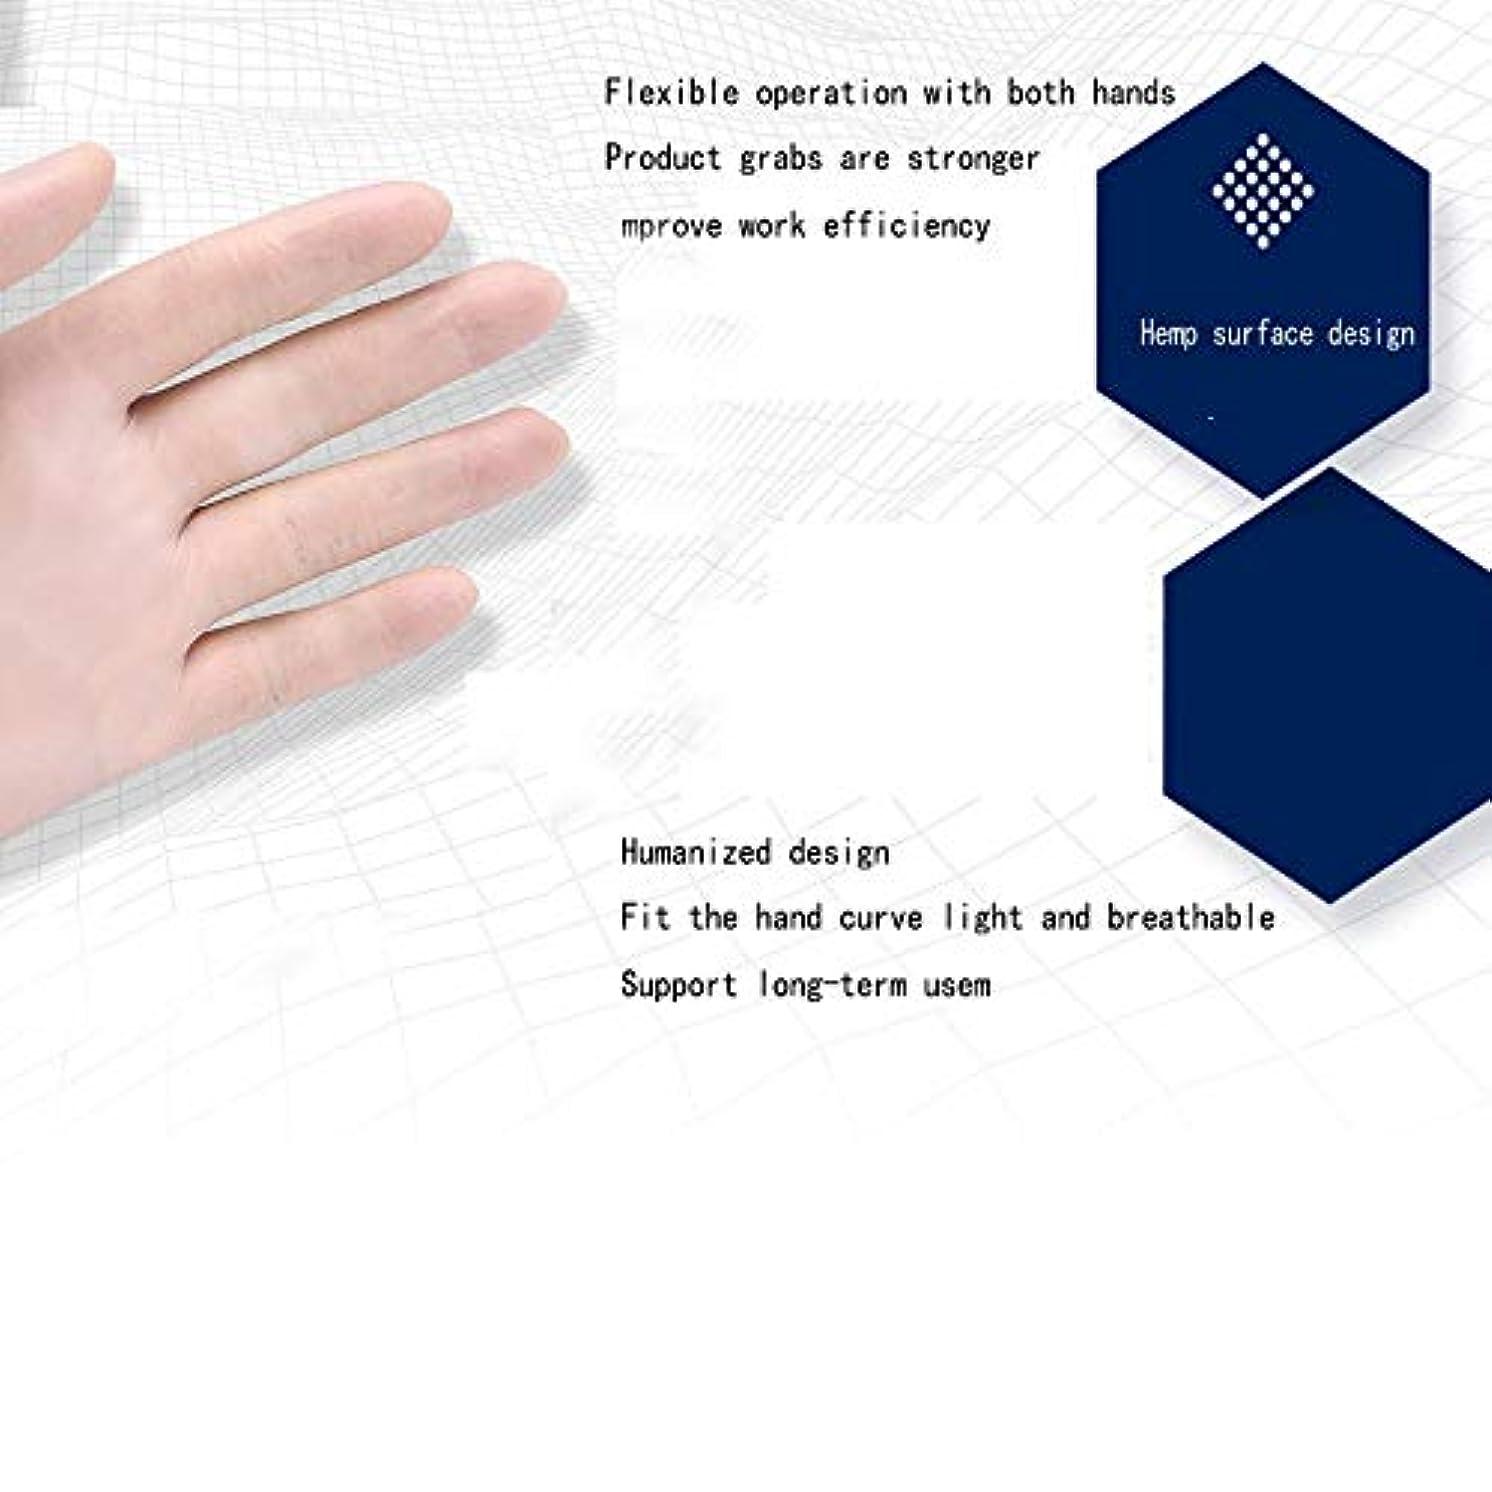 拮抗するずっと沿ってSafeguard Nitri Disposable Gloves、パウダーフリー、食品用グローブ、ラテックスフリー、100 Pcサニタリーグローブ (サイズ さいず : S s)